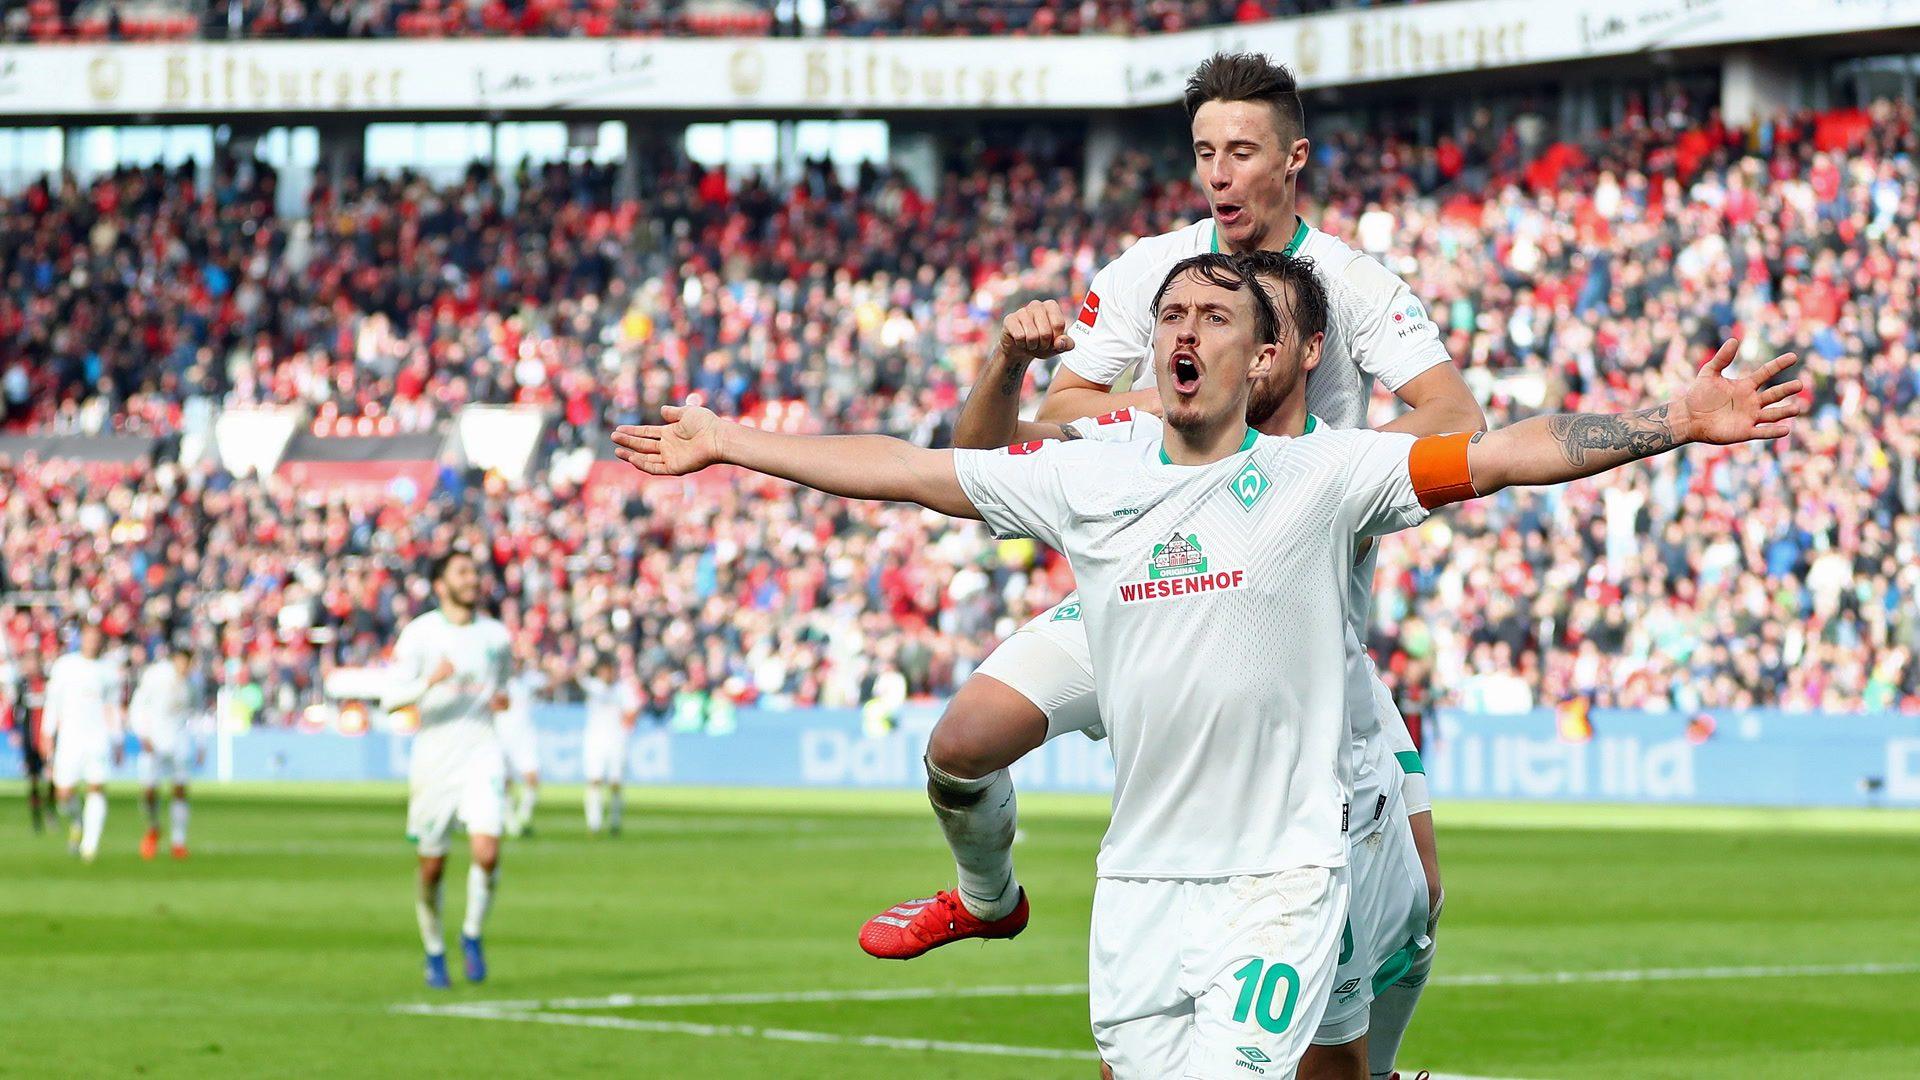 Kruse stars for Werder in Leverkusen win